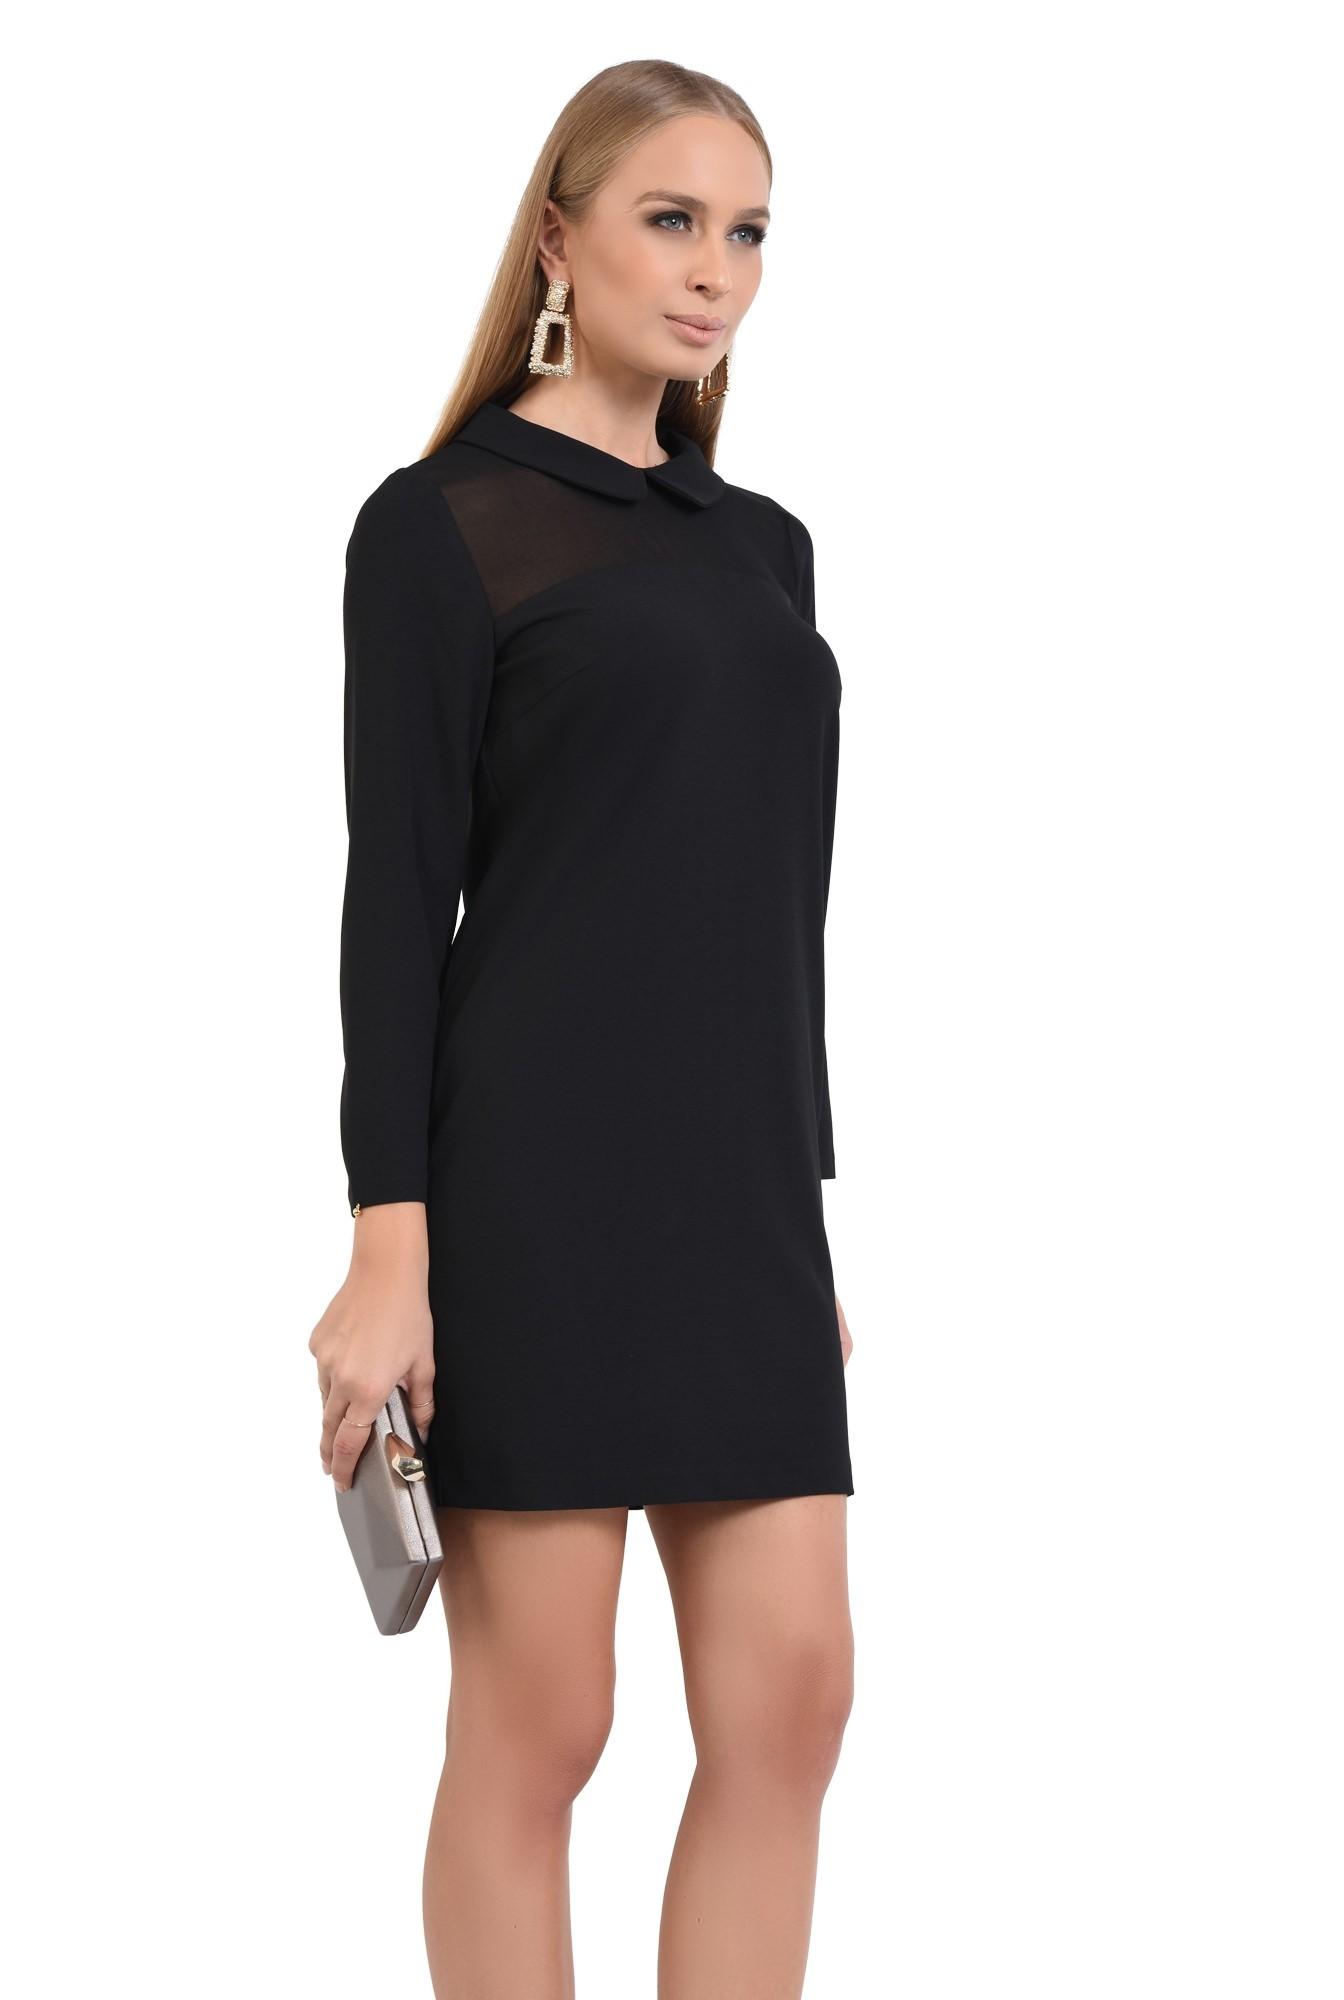 rochie eleganta, croi drept, amneci lungi, insertie transparenta